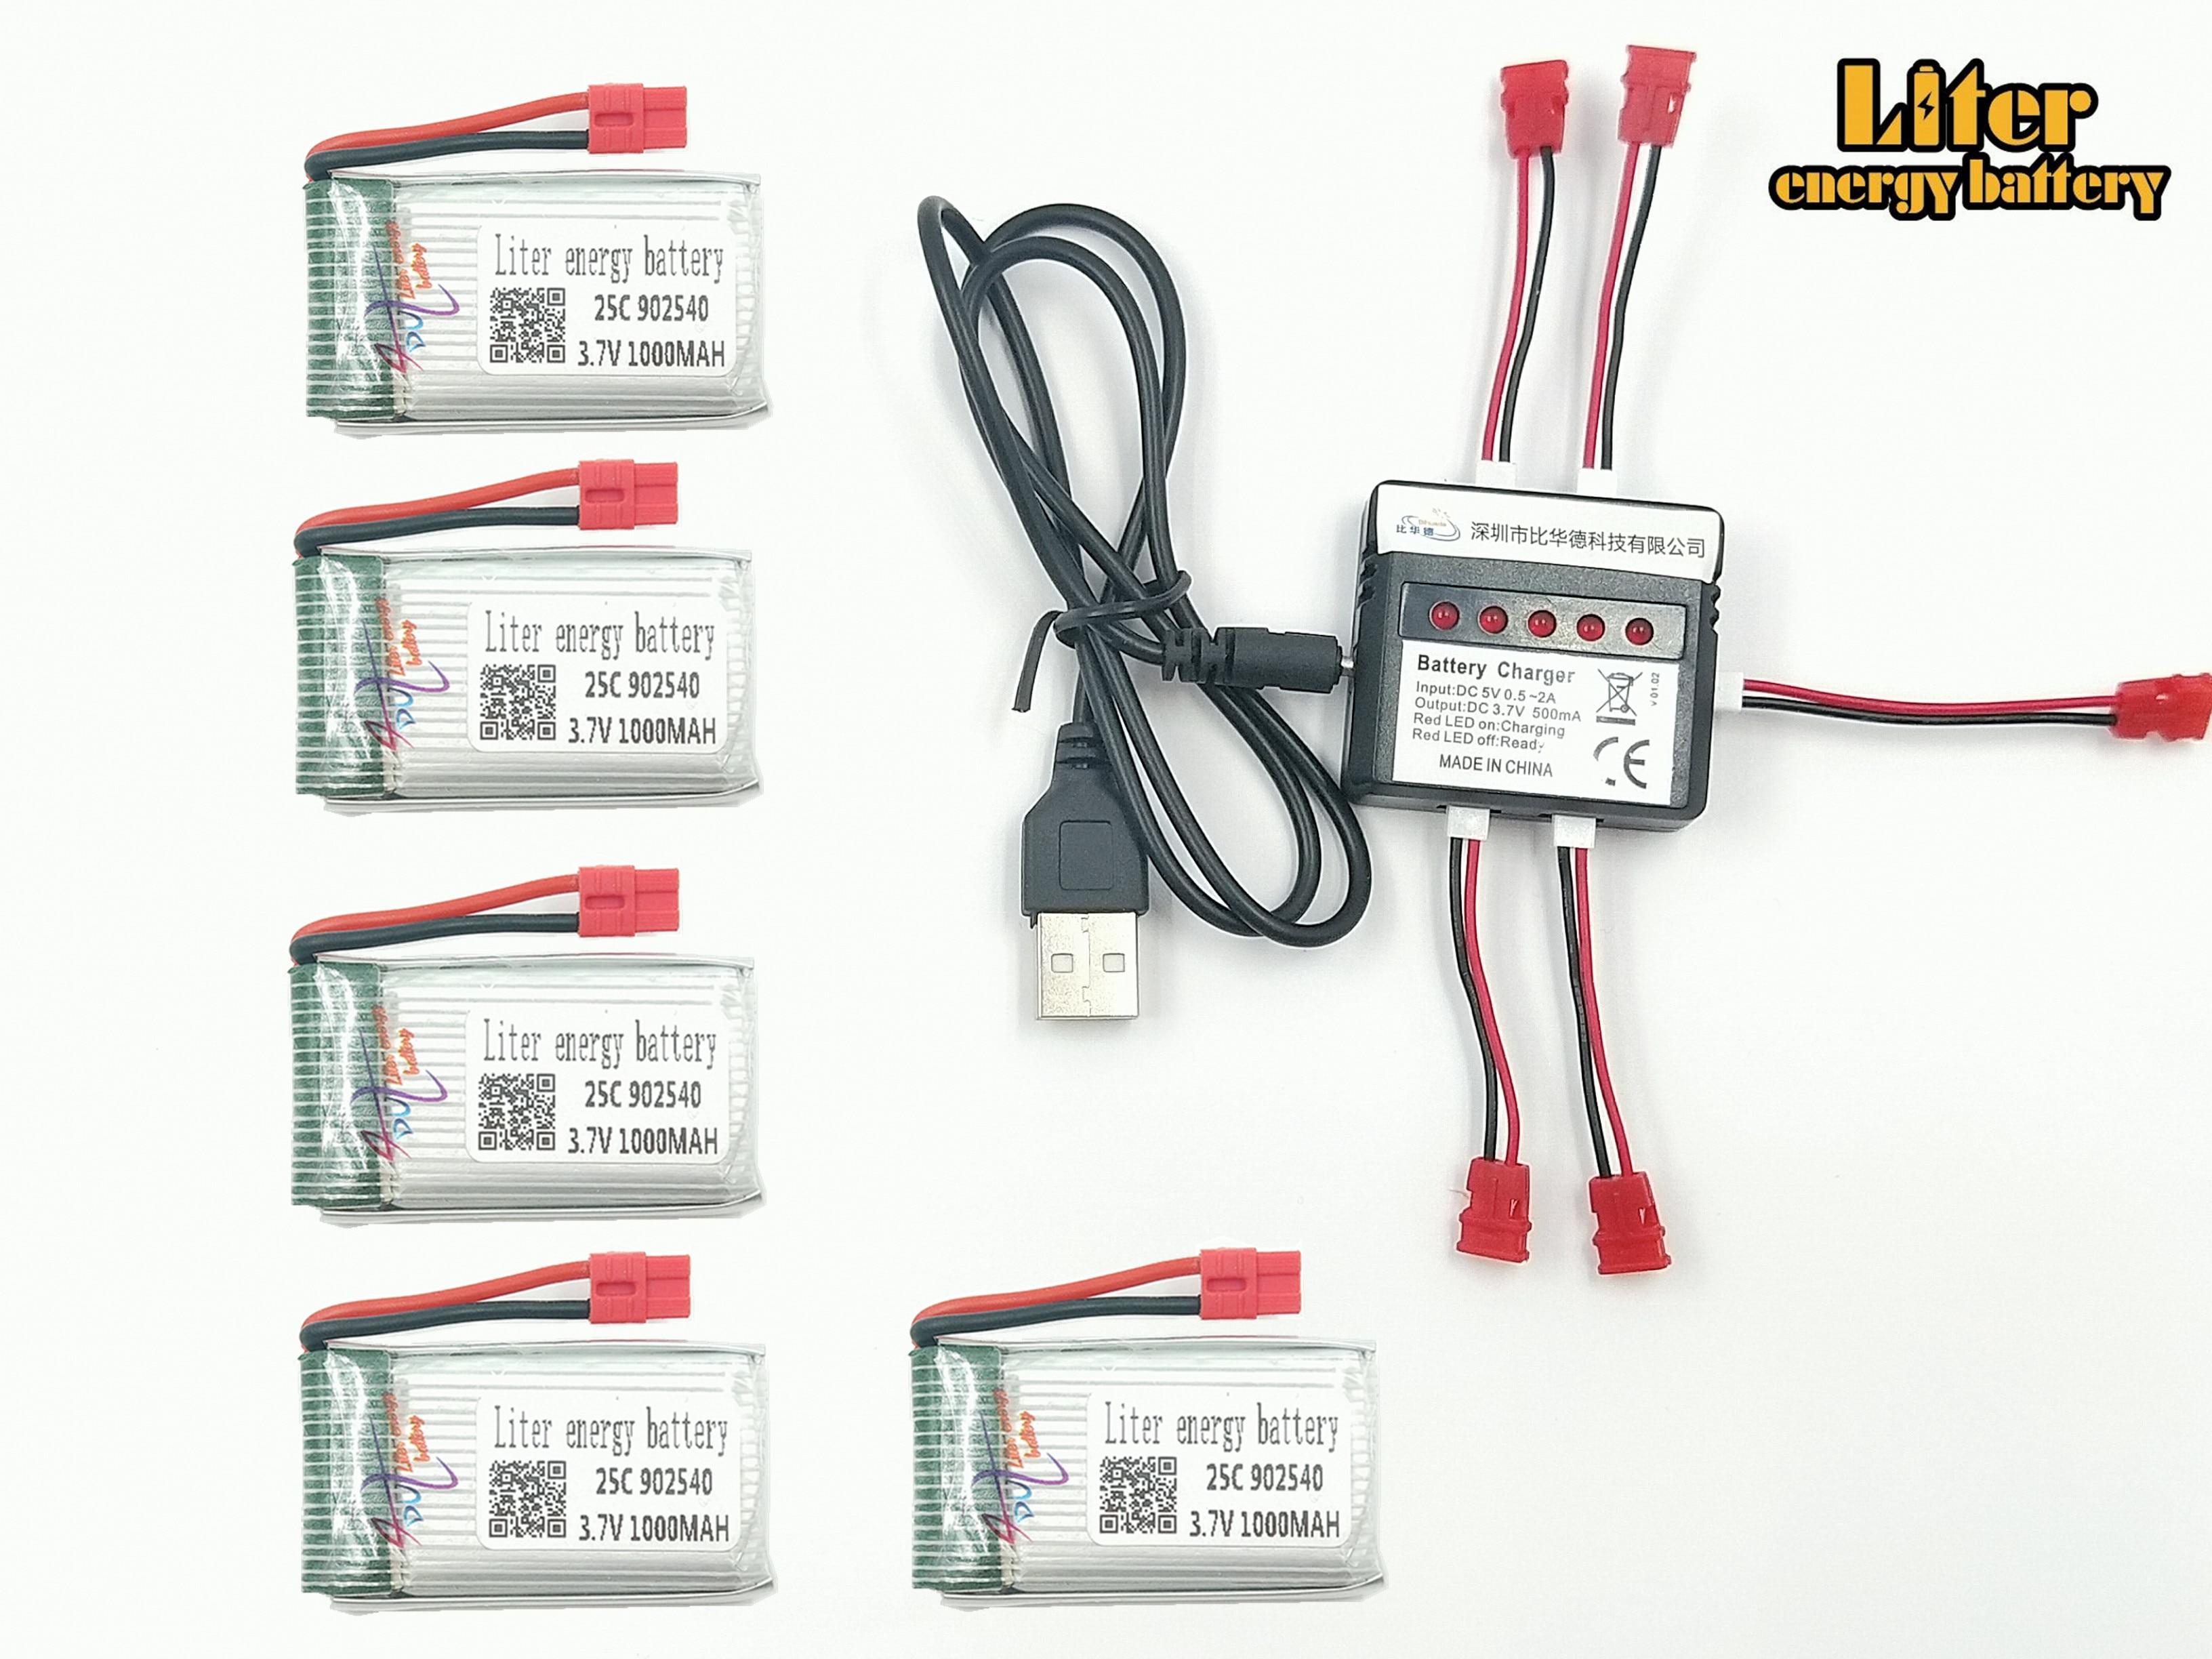 3,7 V 1000 mAh 902540 25c LiPo batería para SYMA X5hw x5hc RC Drone Quadcopter + AC 5in1 cargador de repuesto juego de piezas de